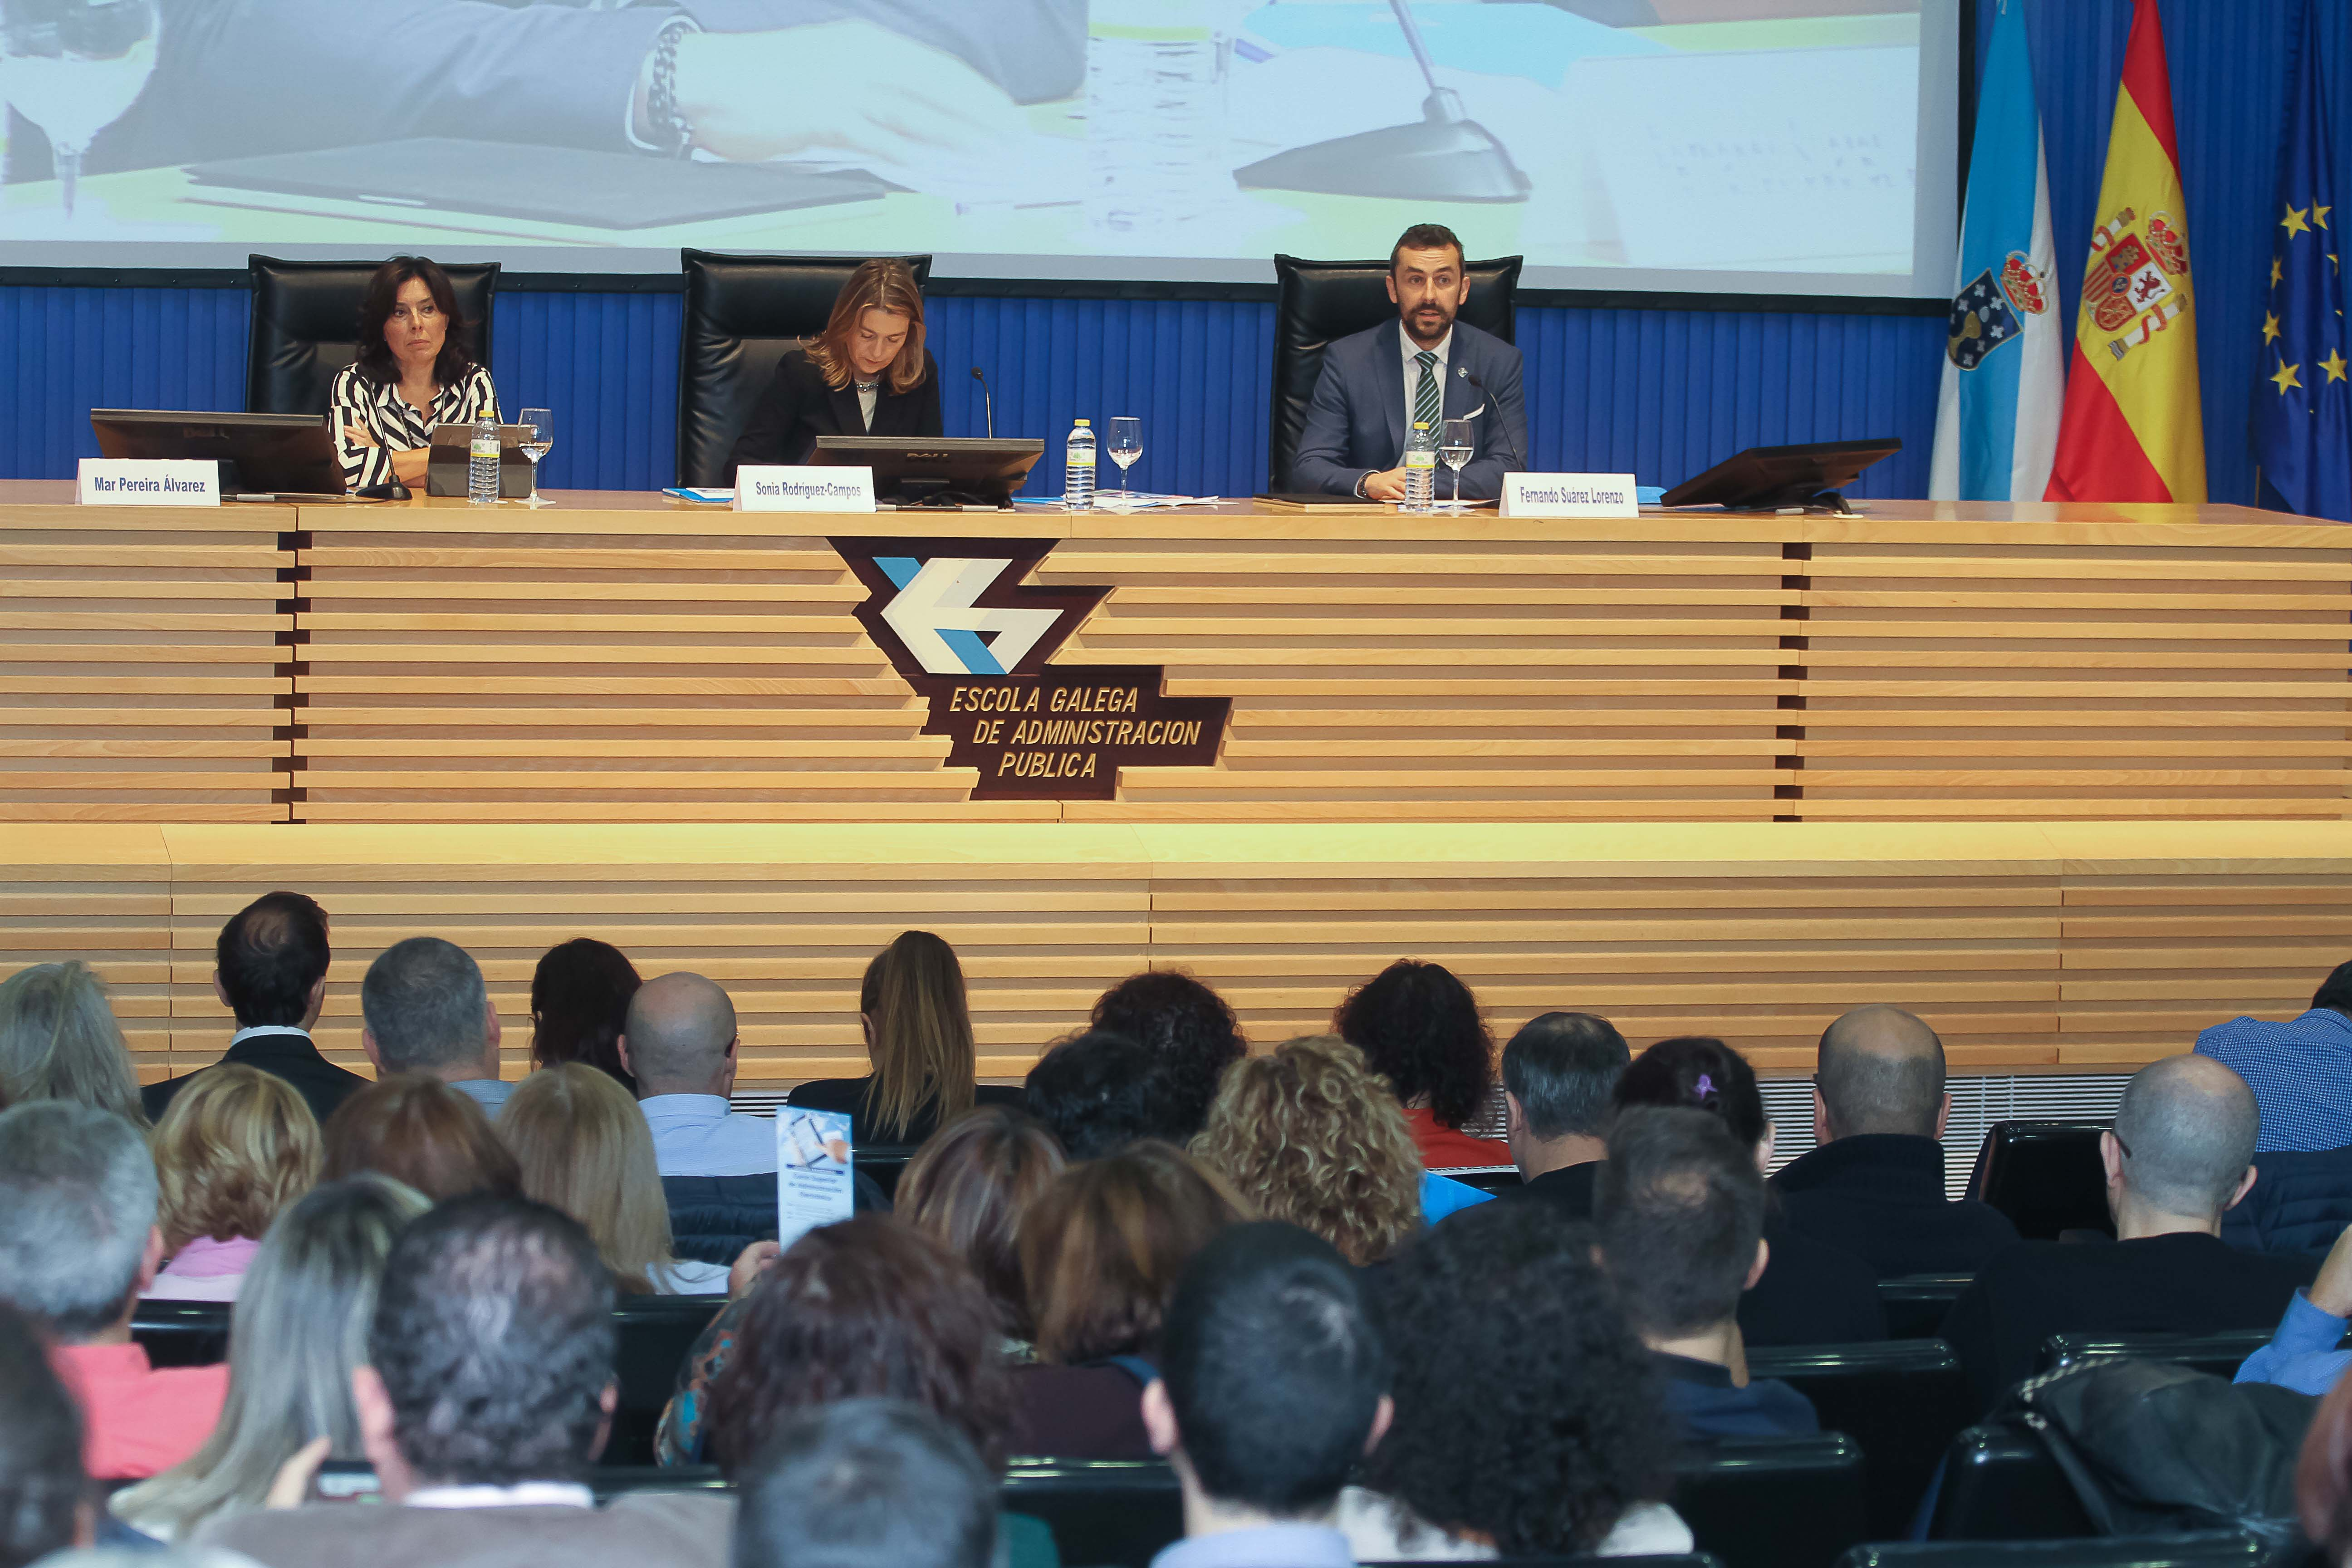 Inauguración do Curso Superior de Administración Electrónica